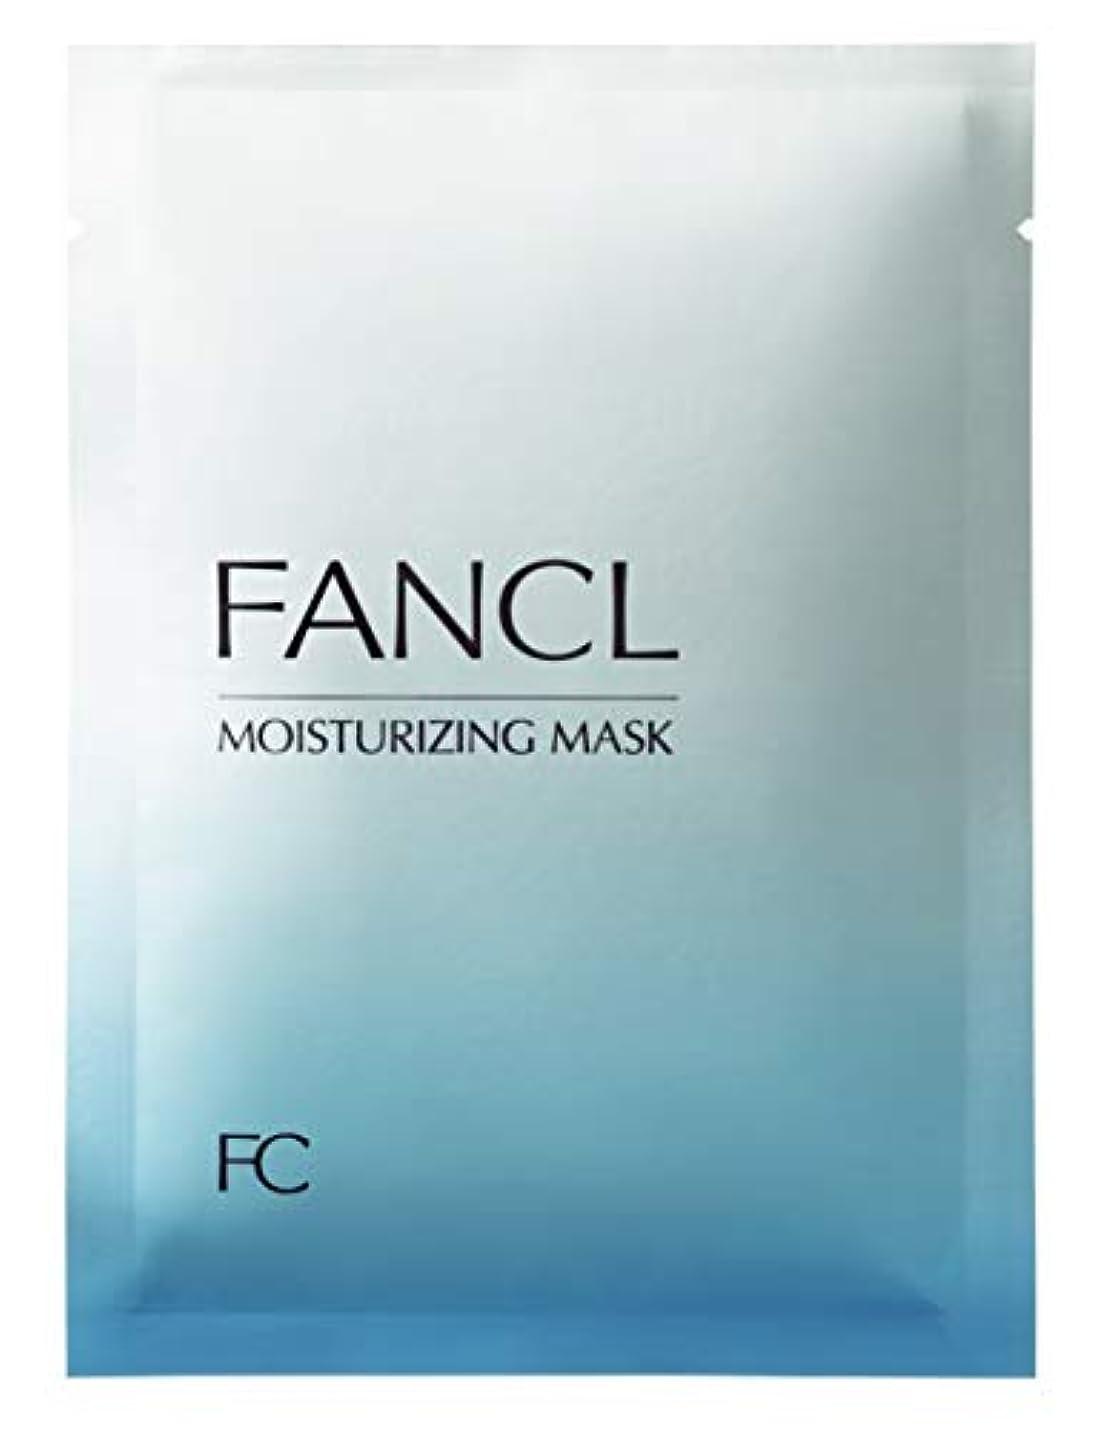 ブッシュモーションコーヒーファンケル (FANCL) モイスチャライジング マスク 6枚セット (18mL×6)